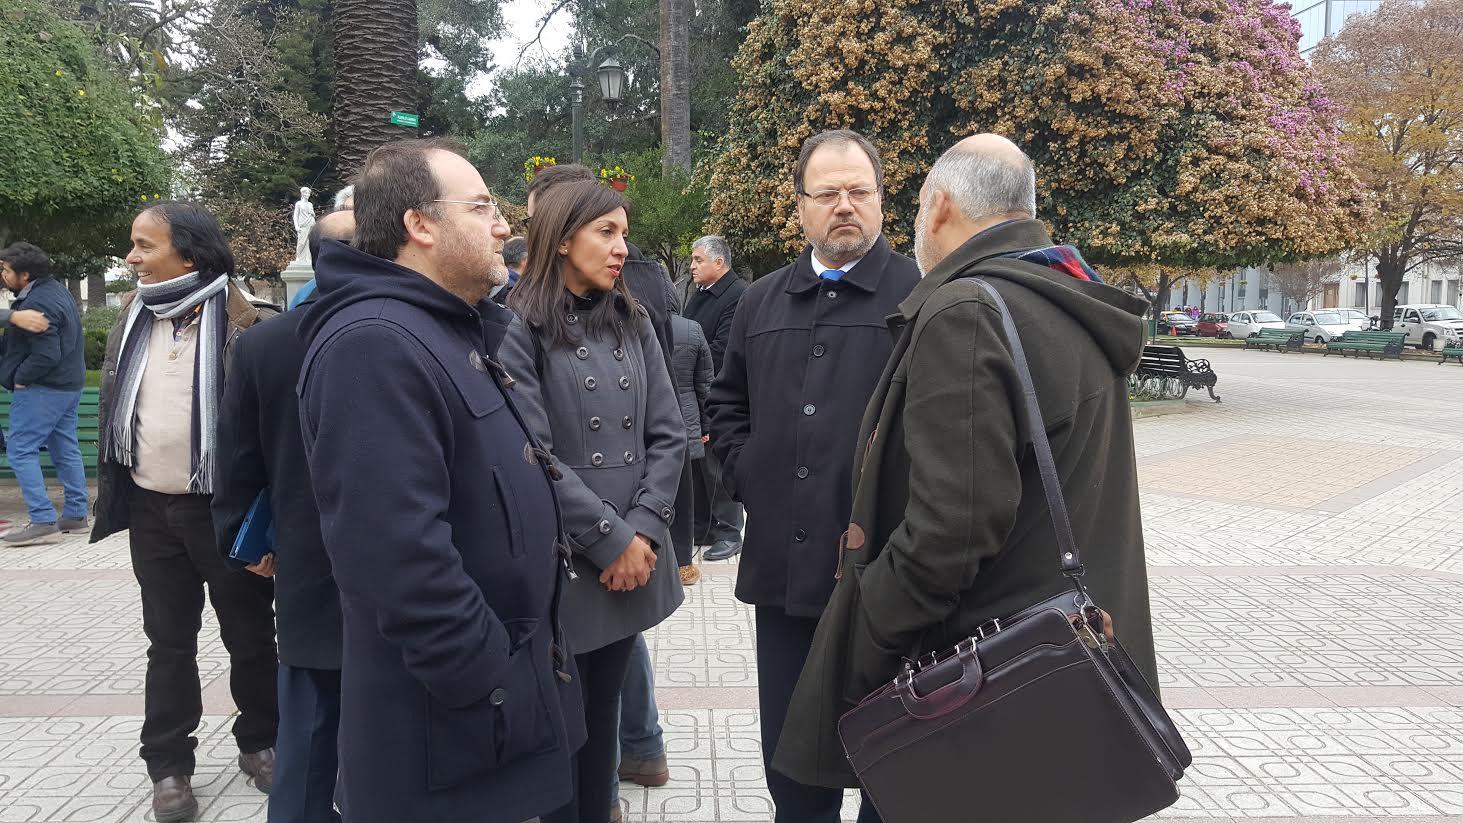 IC-Maule pide salida de funcionarios involucrados en presunto cohecho